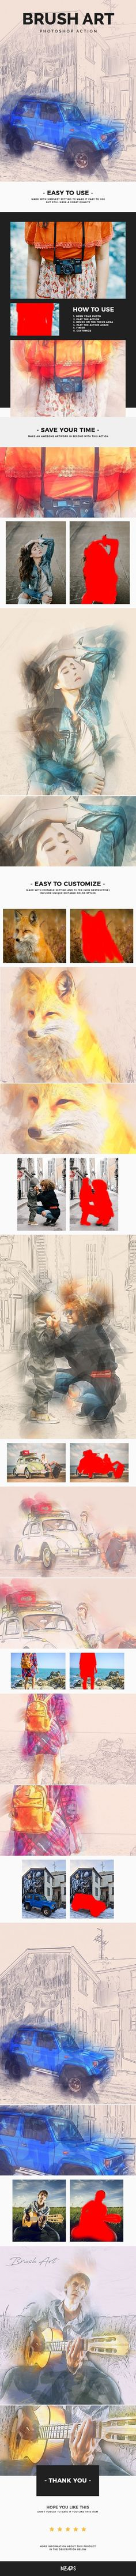 Brush Art Photoshop Action